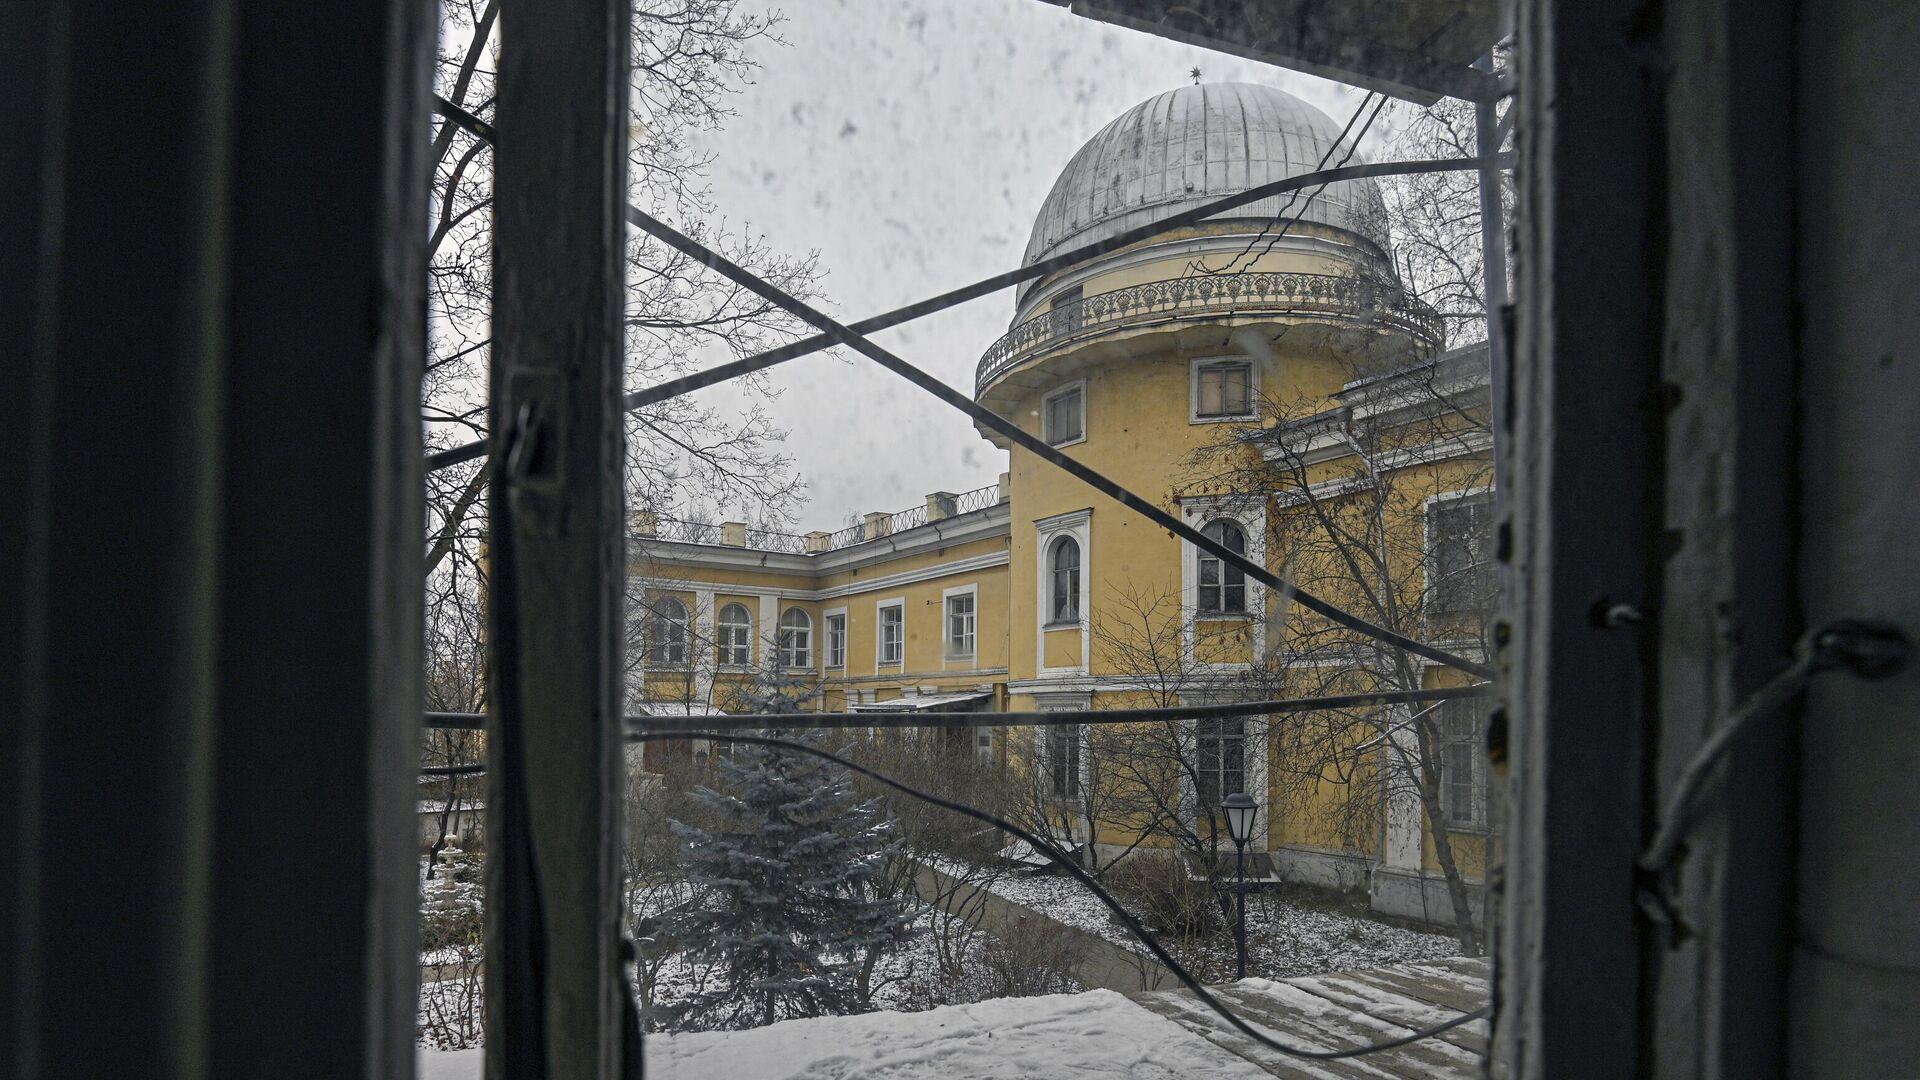 Ремонт самого старого деревянного дома Москвы  - РИА Новости, 1920, 14.12.2020